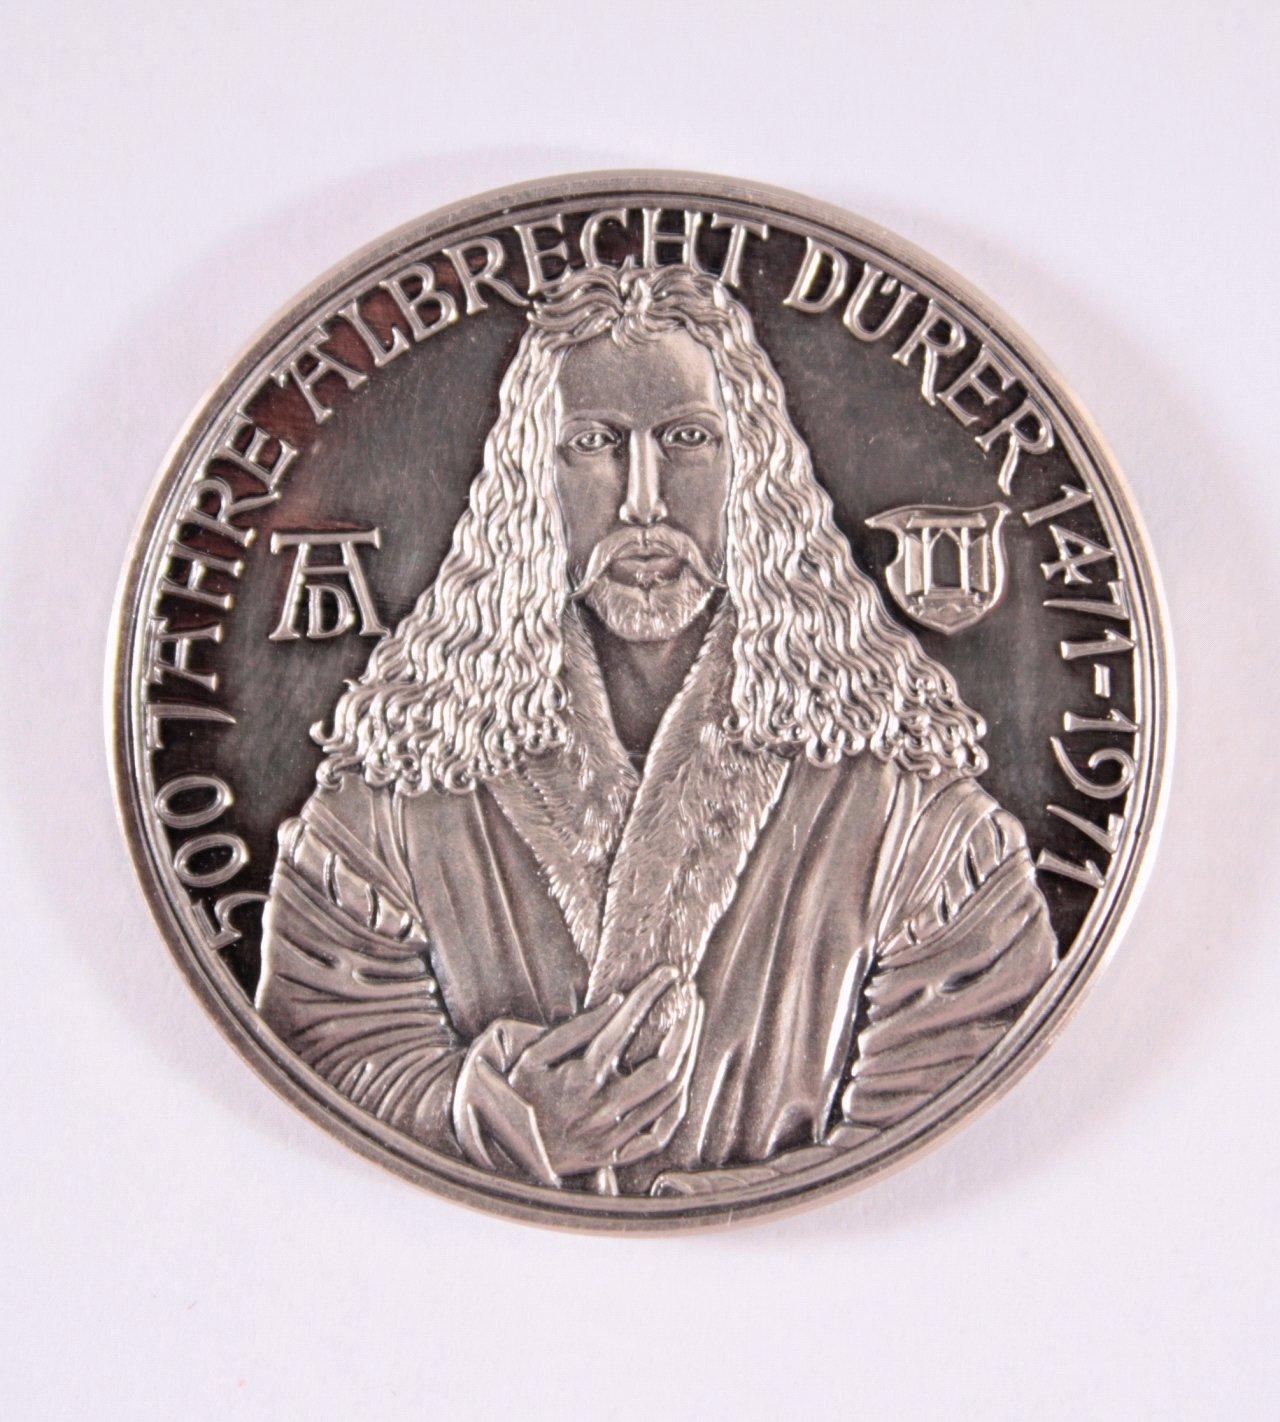 Silber Medaille 500 Jahre Albrecht Dürer, 1471-1971